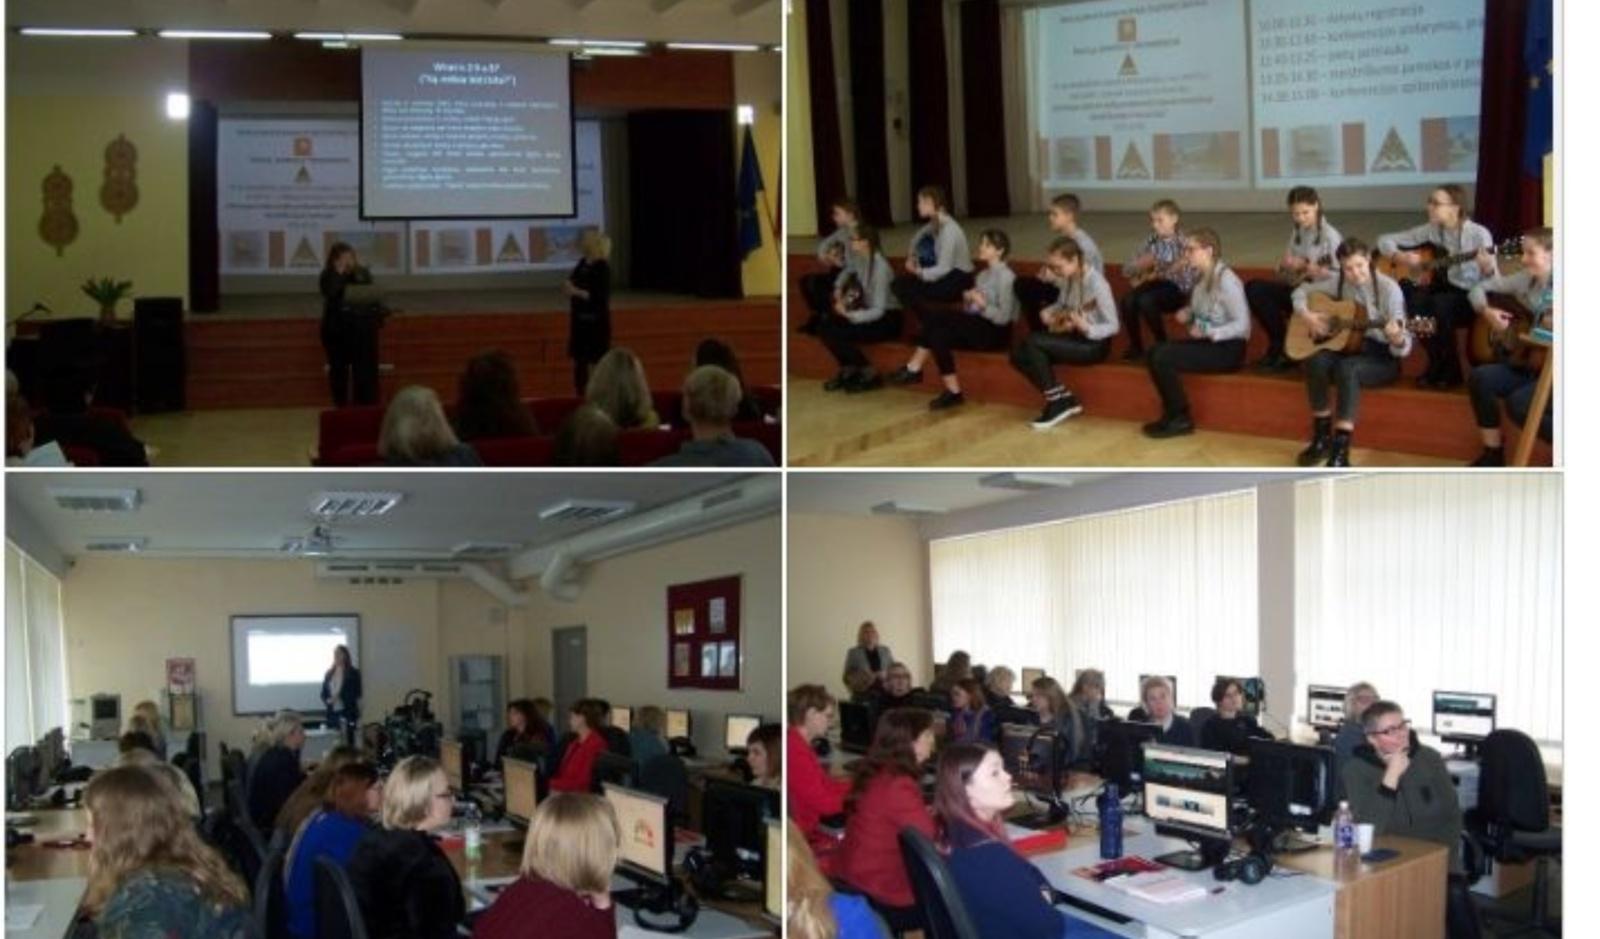 Sėkmingas užsienio kalbų mokymas(is) geroje mokykloje:  kūrybiškumas ir inovacijos